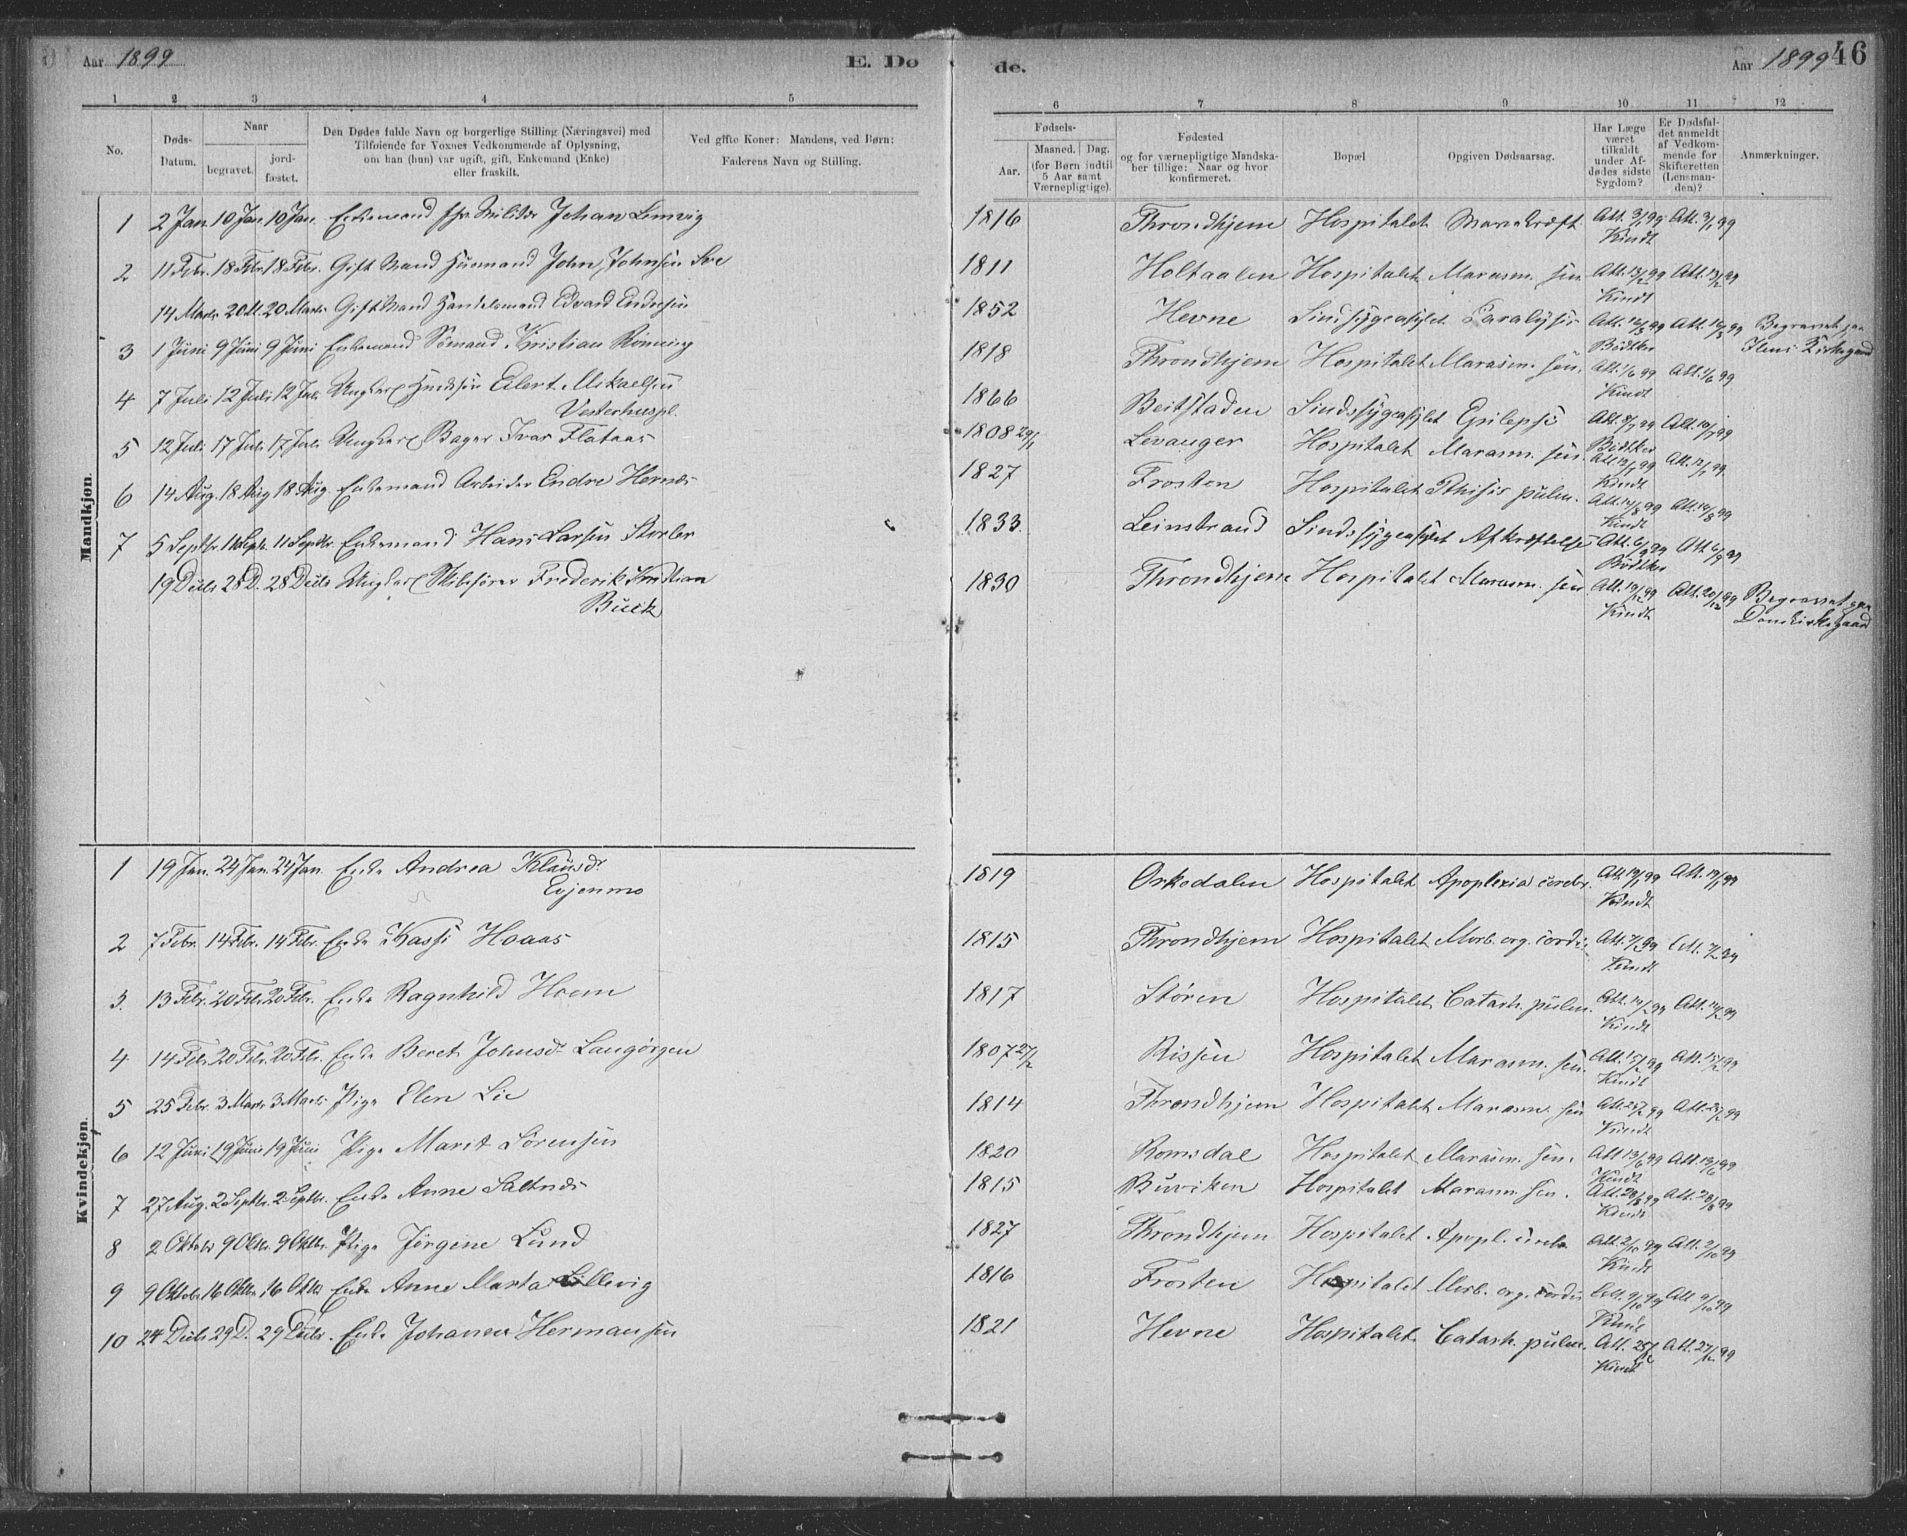 SAT, Ministerialprotokoller, klokkerbøker og fødselsregistre - Sør-Trøndelag, 623/L0470: Ministerialbok nr. 623A04, 1884-1938, s. 46